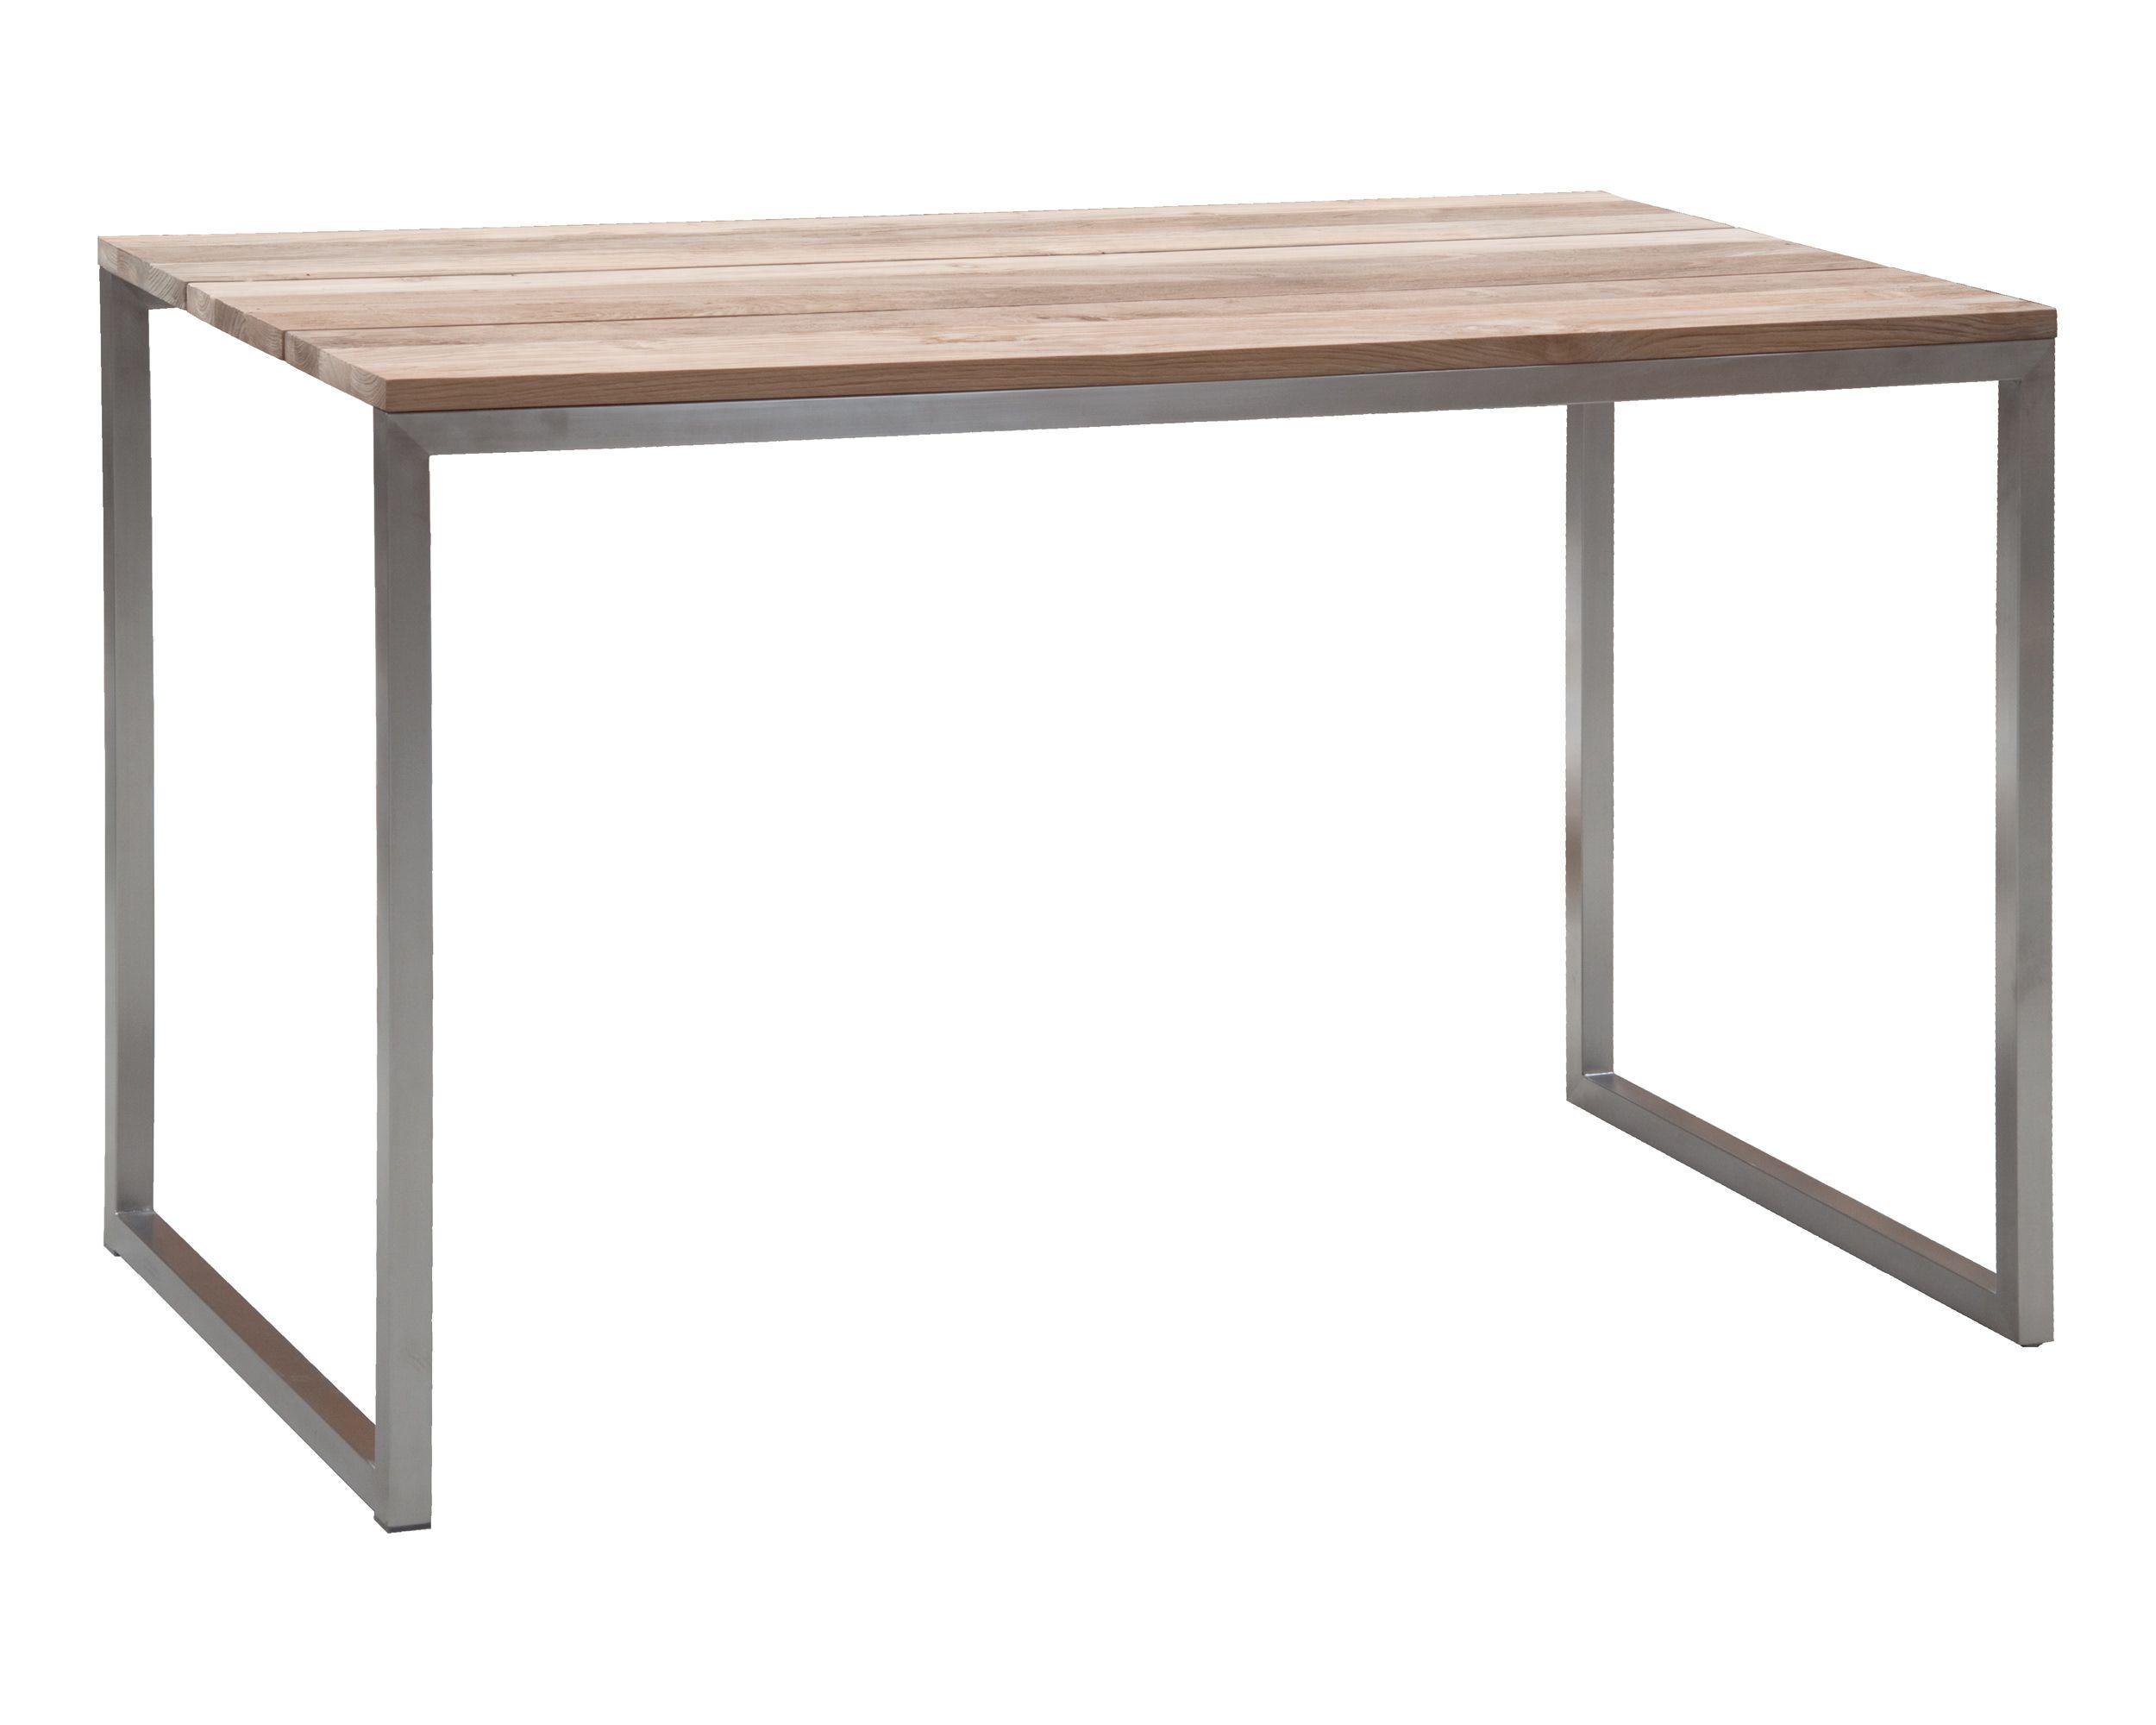 Bartisch Board, 90 x 170 cm (H=105) - Board Bar - Essgruppen - DINING